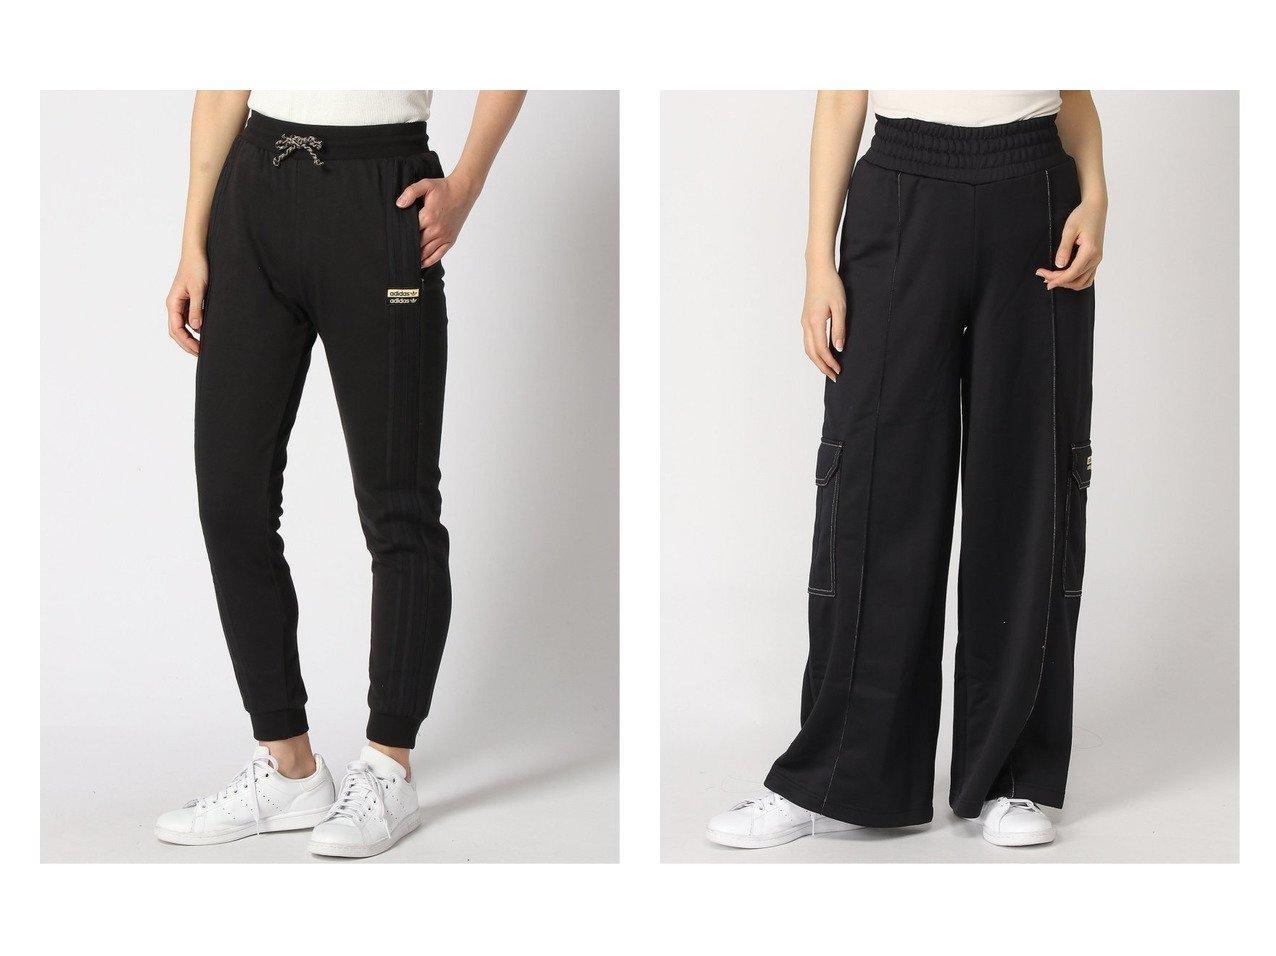 【adidas Originals/アディダス オリジナルス】のR.Y.V. トラックパンツ TRACK PANTS アディダスオリジナルス&R.Y.V. パンツ PANTS アディダスオリジナルス adidasのおすすめ!人気、トレンド・レディースファッションの通販  おすすめで人気の流行・トレンド、ファッションの通販商品 メンズファッション・キッズファッション・インテリア・家具・レディースファッション・服の通販 founy(ファニー) https://founy.com/ ファッション Fashion レディースファッション WOMEN パンツ Pants アウトドア ジーンズ ストライプ ドローコード フレンチ リップ リラックス 再入荷 Restock/Back in Stock/Re Arrival カーゴパンツ コレクション ポケット  ID:crp329100000020210